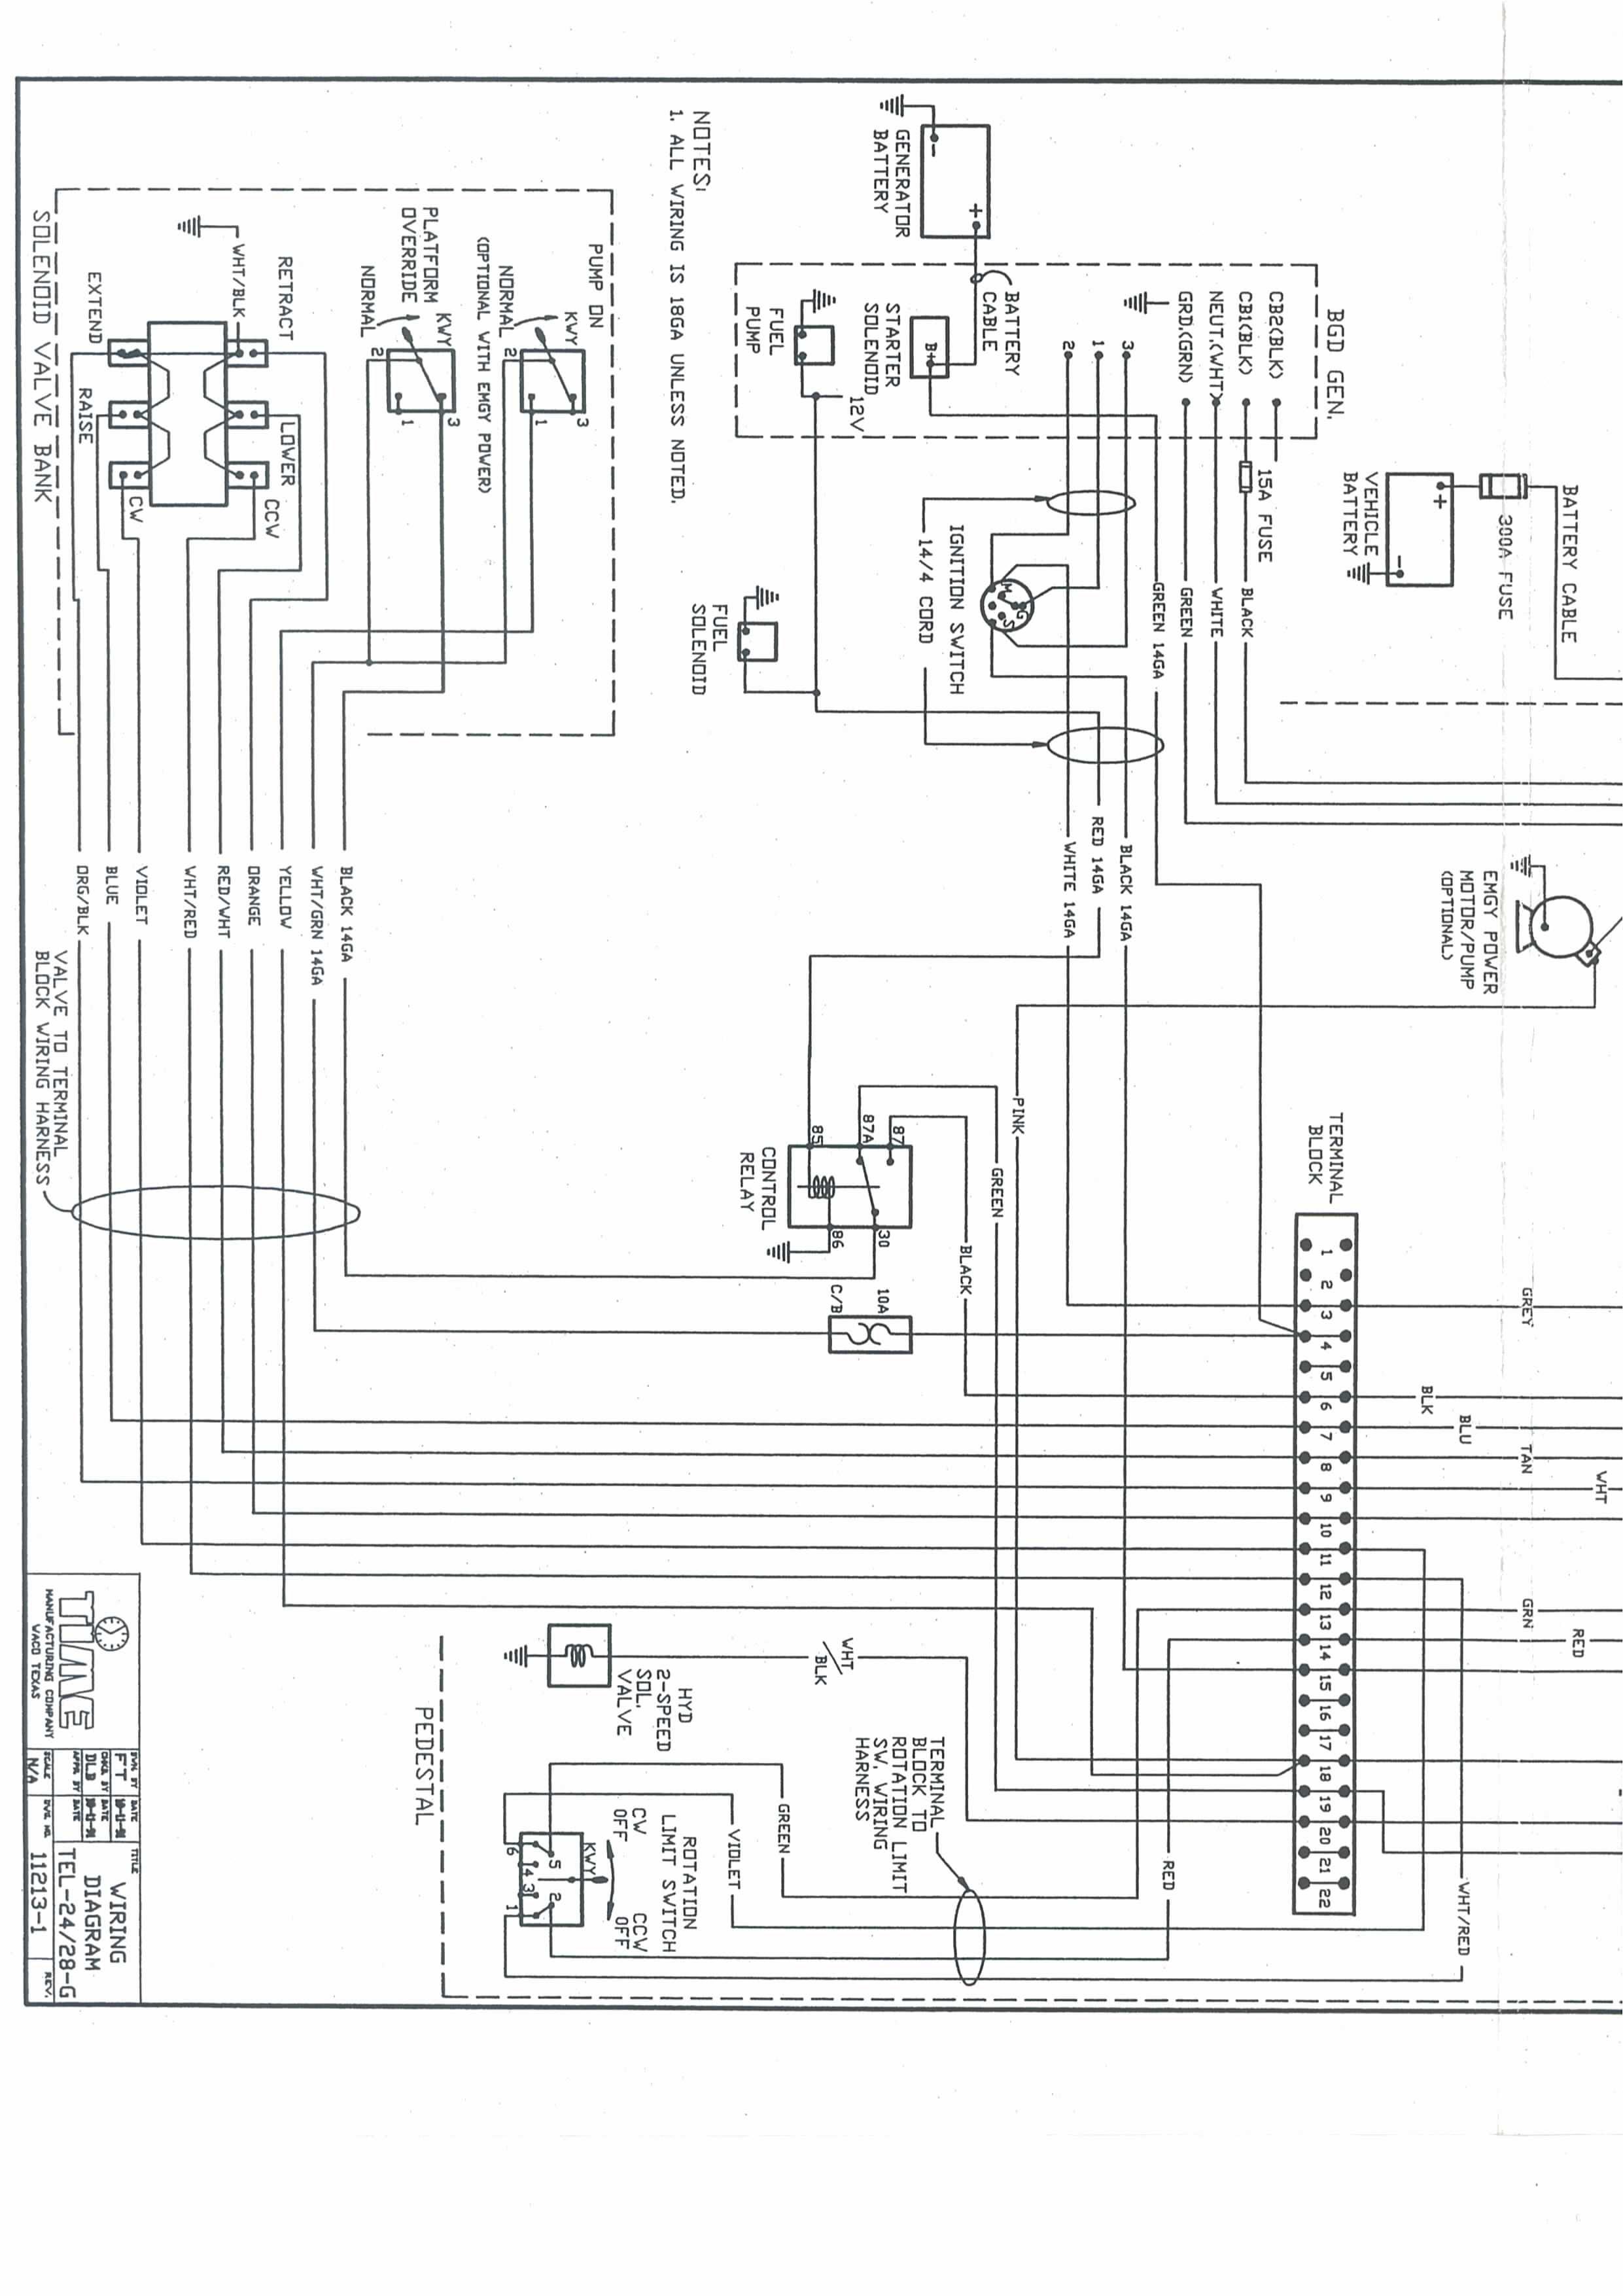 32 Versalift Bucket Truck Wiring Diagram